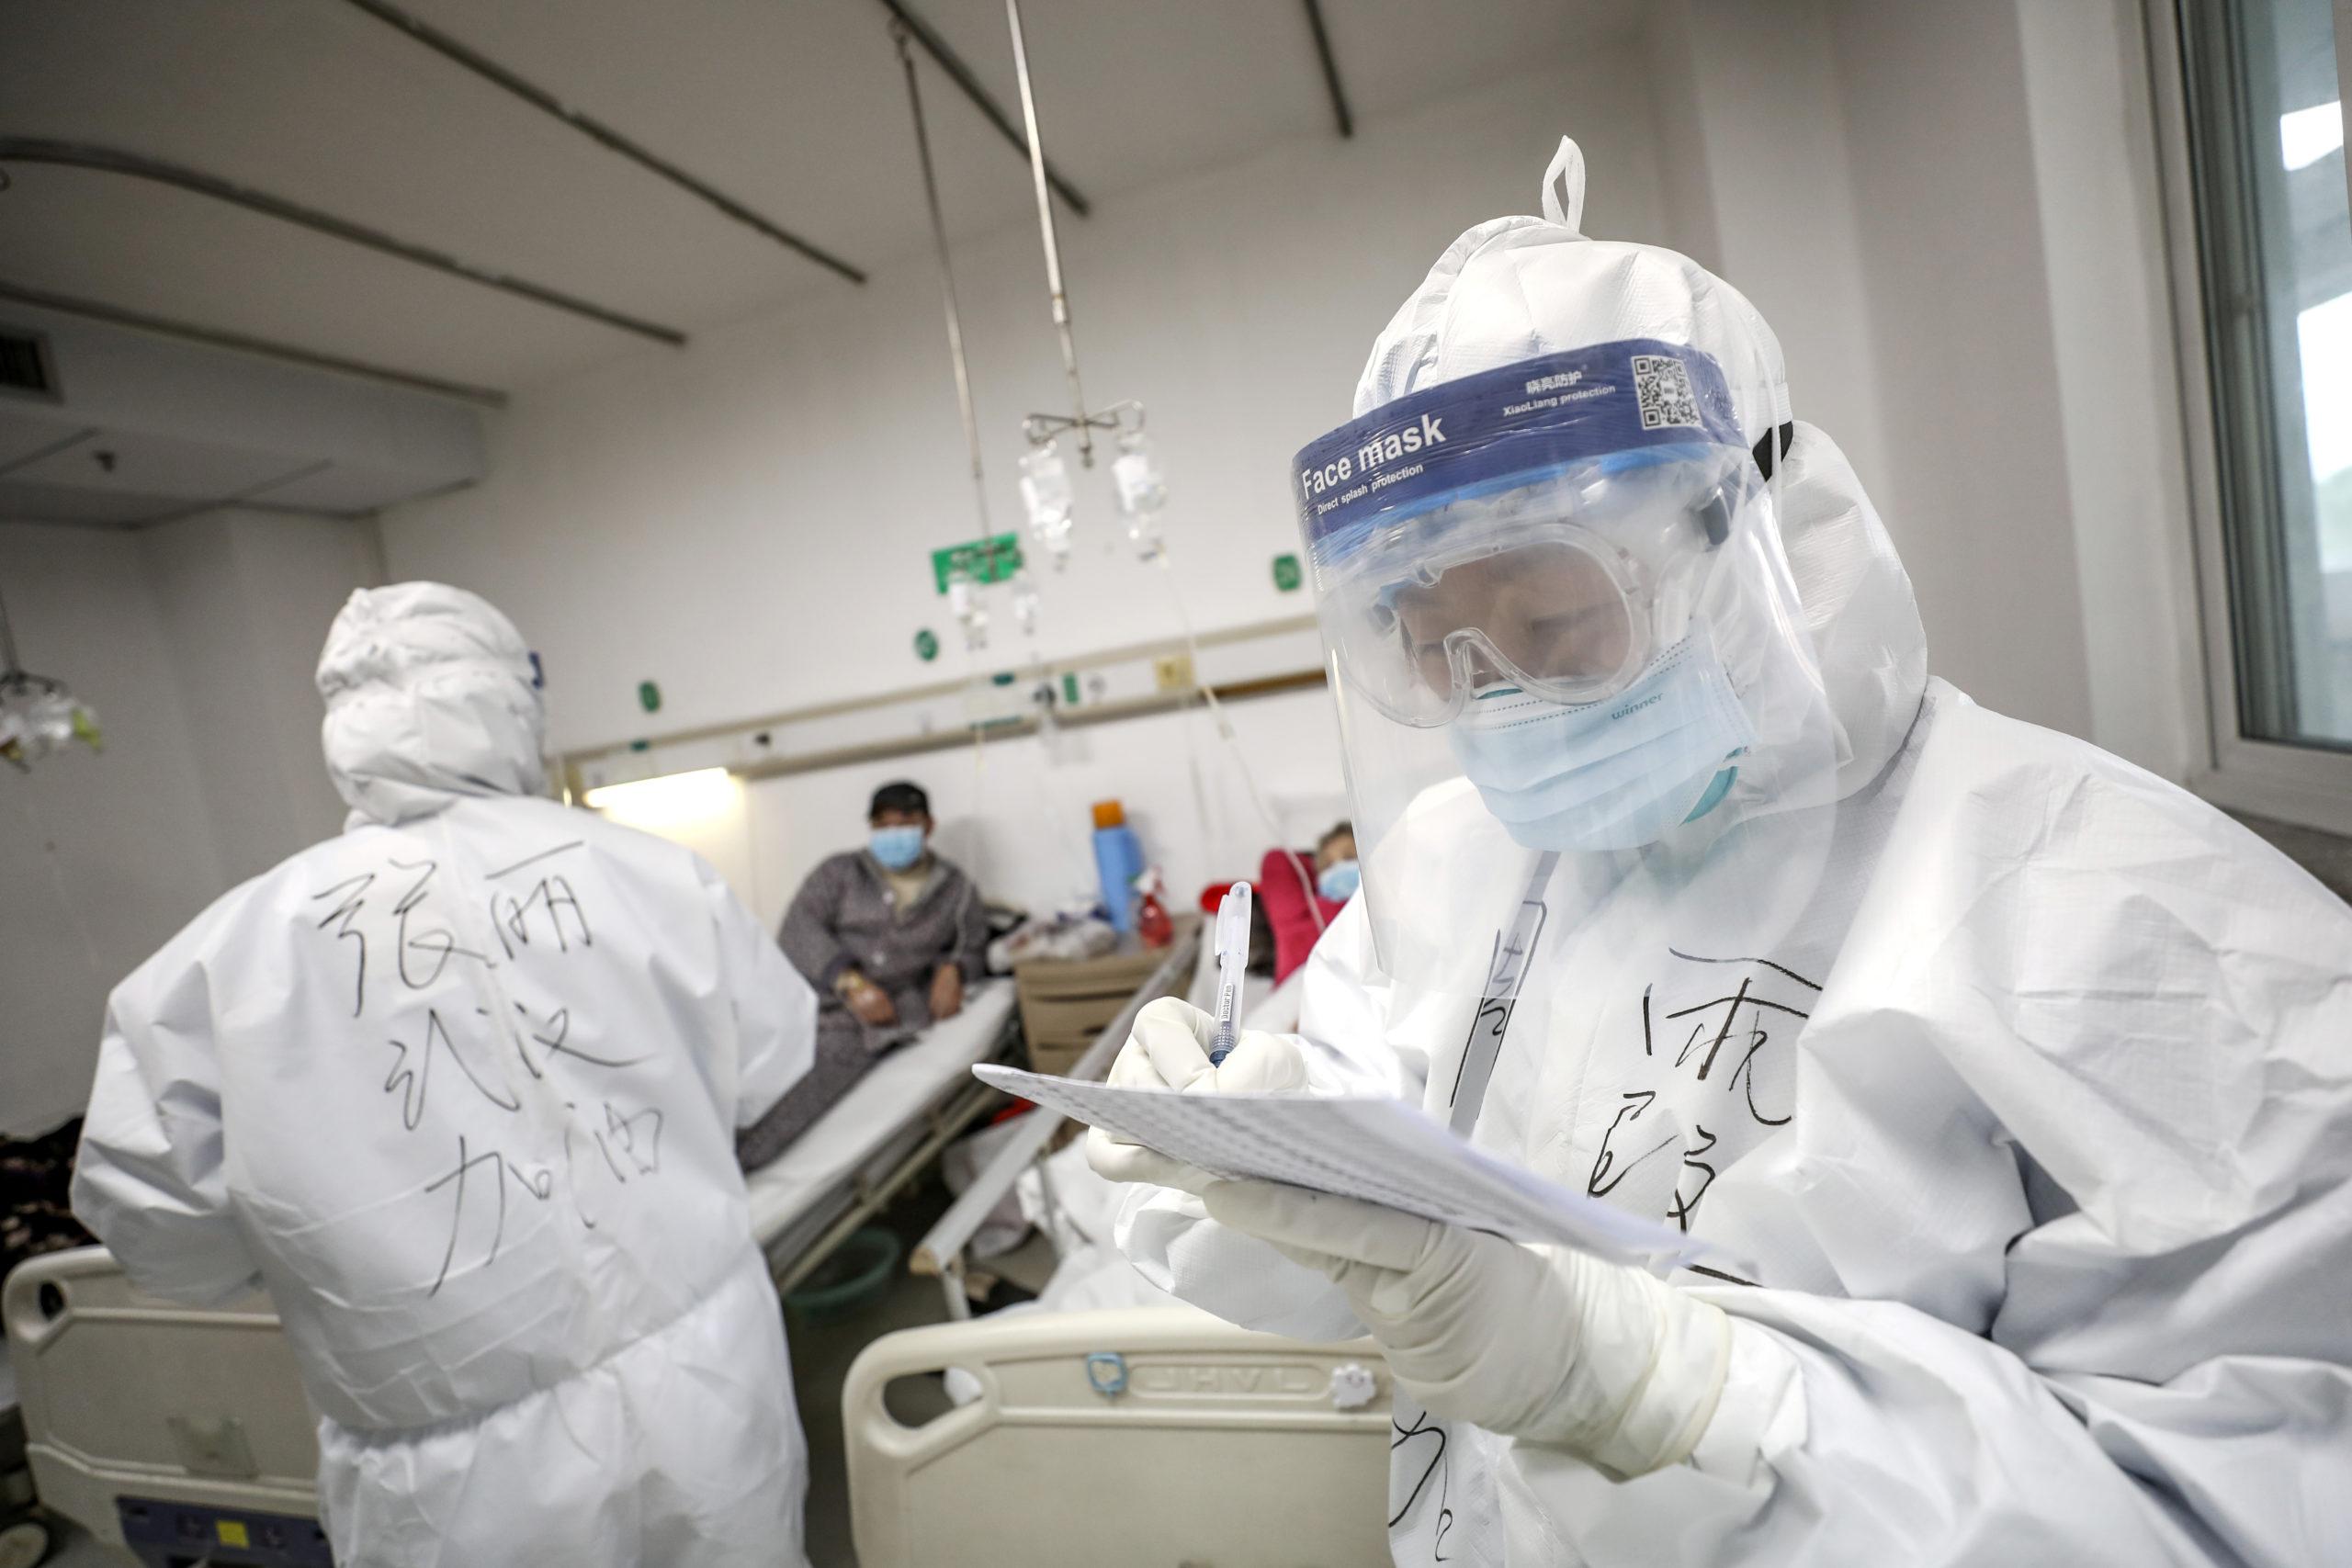 Κοροναϊός: 16 νέα κρούσματα στην Ιταλία! Σε καραντίνα διάφορες περιοχές